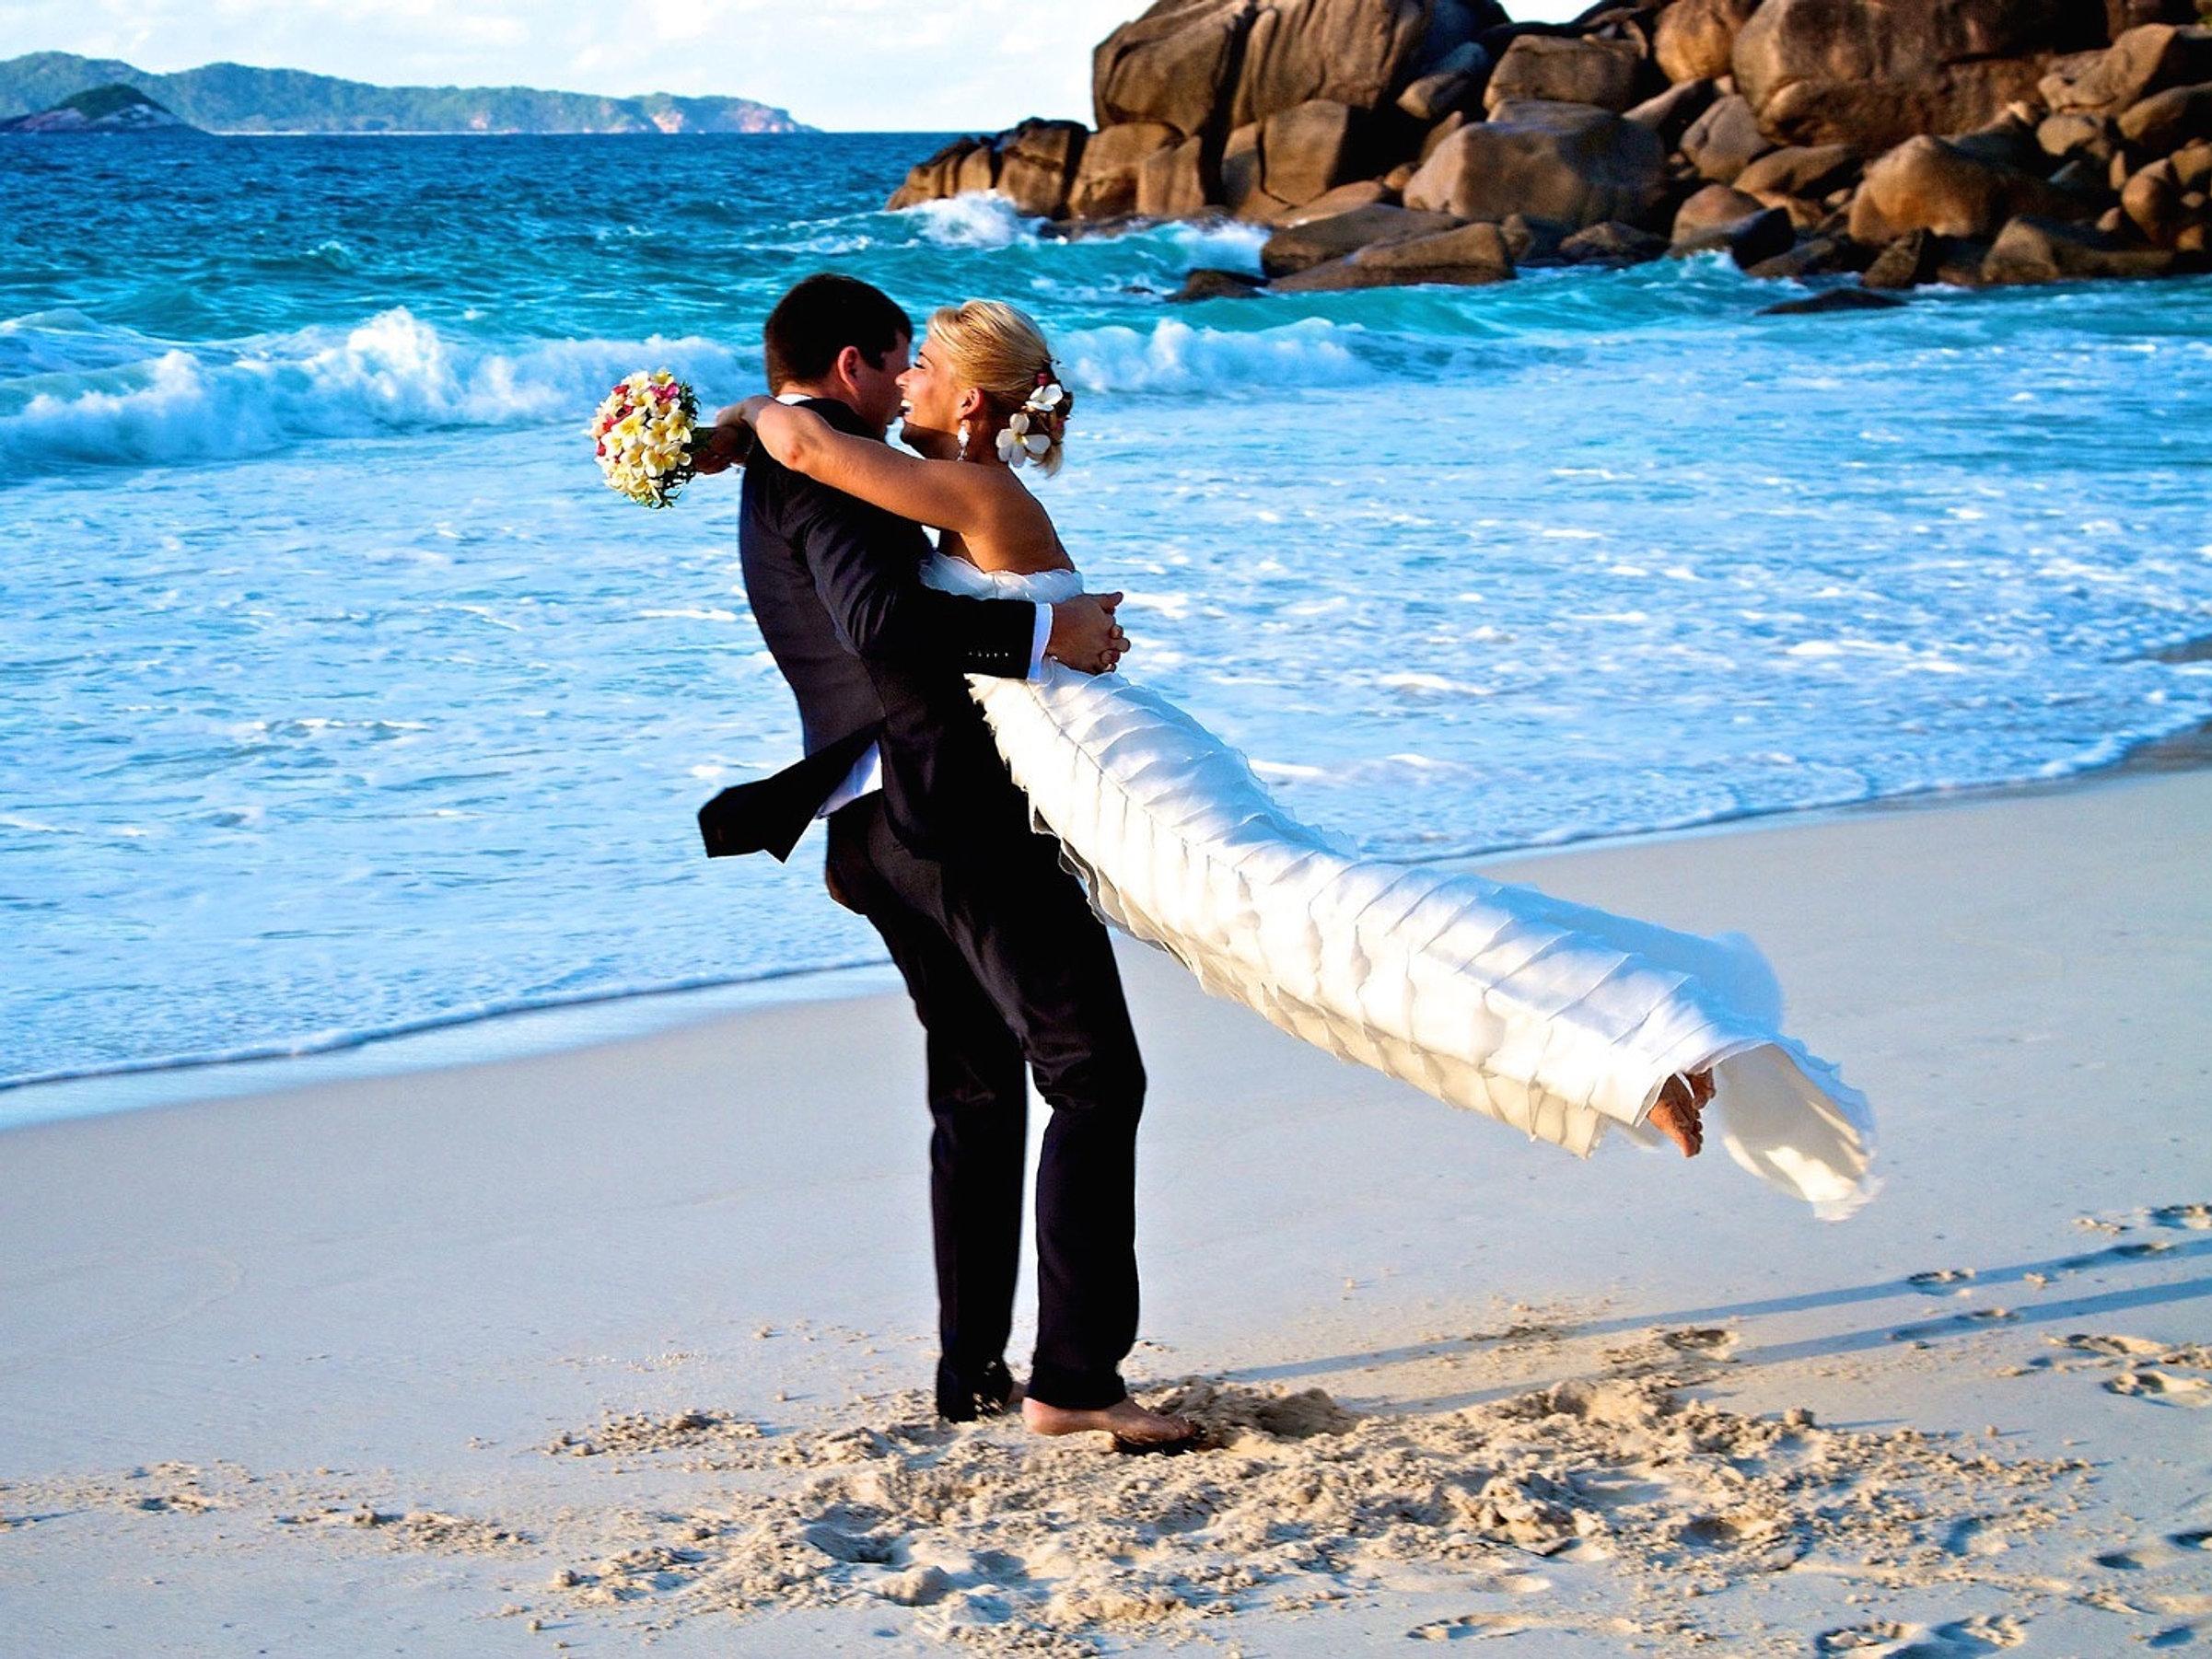 photographe_de_mariage_cratif_levy_laurent_archipel_des_seychelles super photographe de mariage aux seychelles levy laurent mahe praslin la digue - Photographe Mariage Seychelles